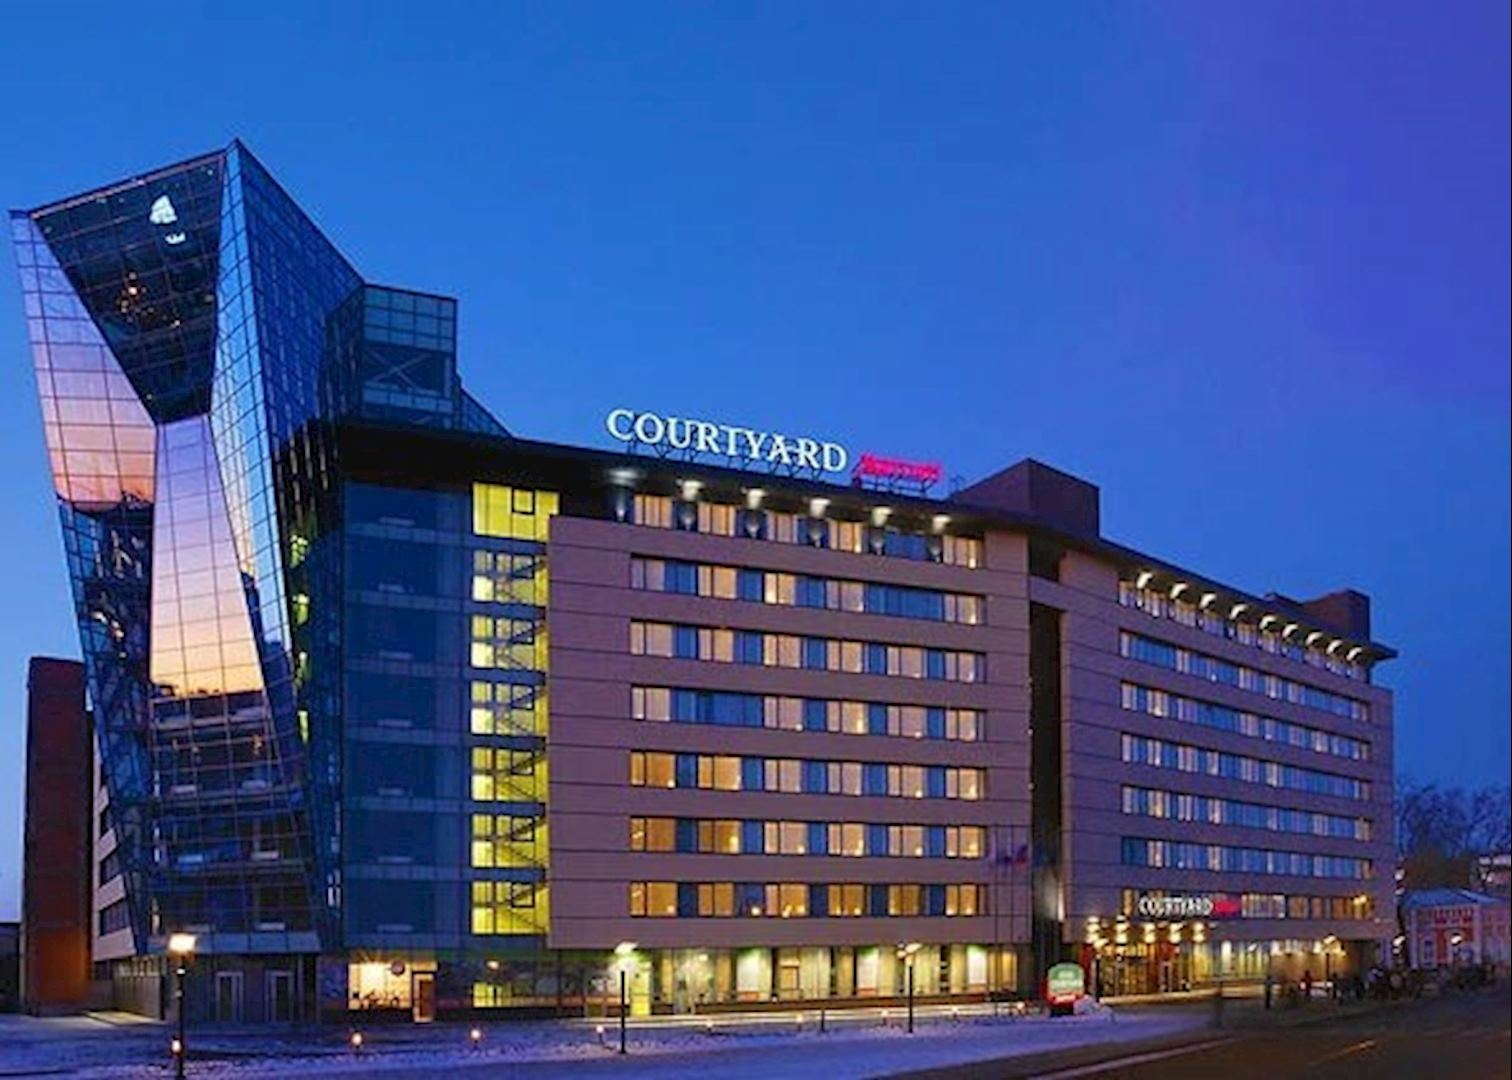 Courtyard by Marriott | Hotels in Irkutsk | Audley Travel